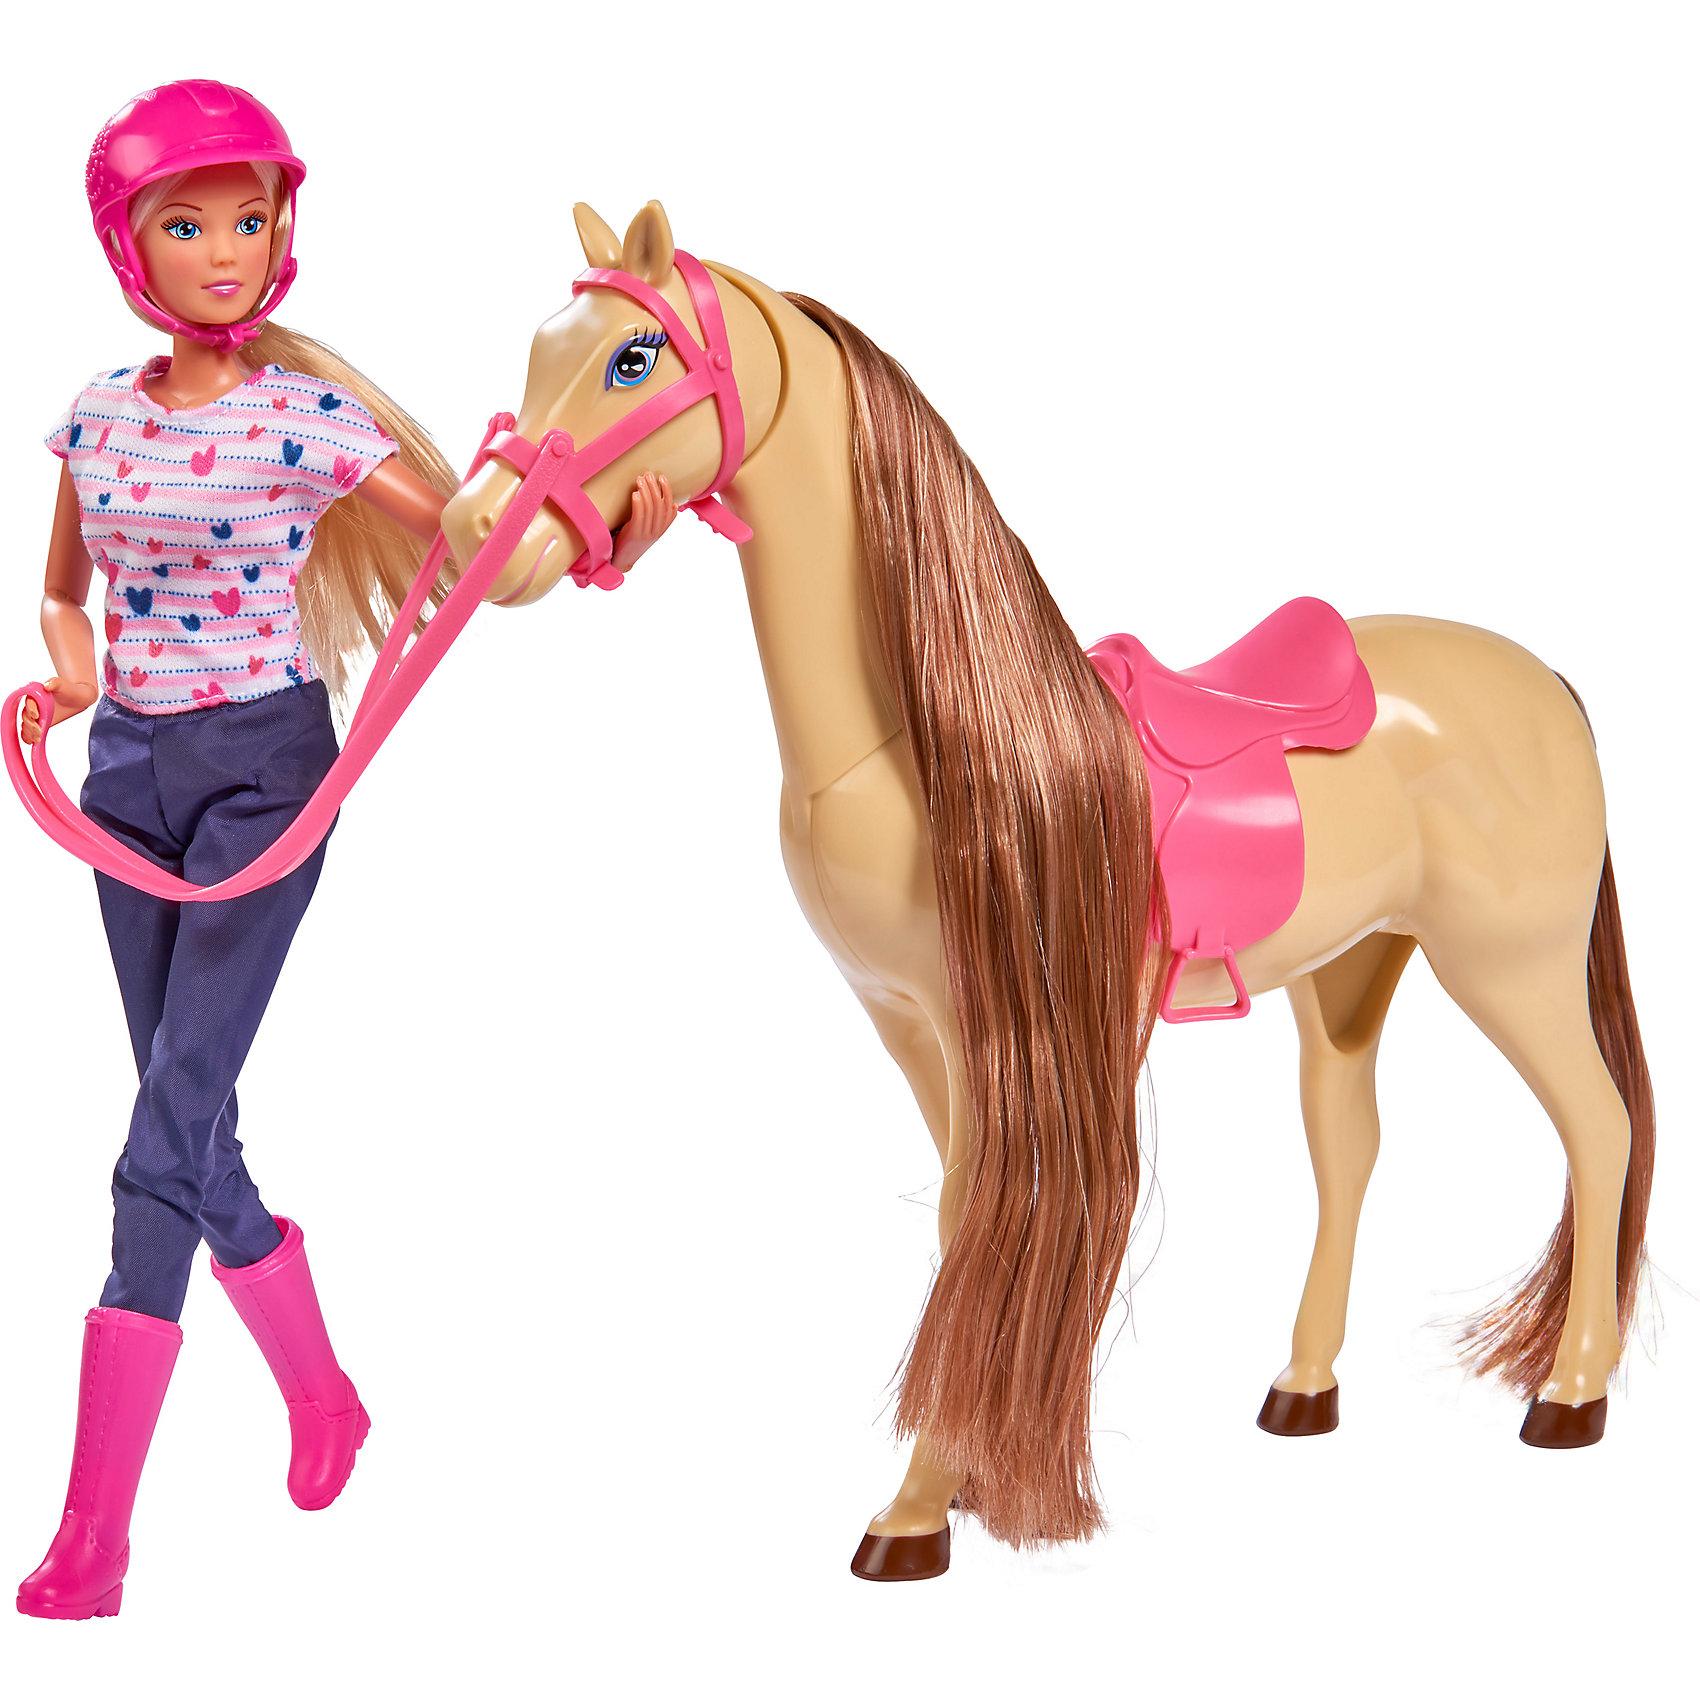 Кукла Штеффи верхом на лошади, 29 см, SimbaSteffi и Evi Love<br>Характеристики товара:<br><br>- цвет: разноцветный;<br>- материал: пластик;<br>- возраст: от трех лет;<br>- комплектация: кукла, аксессуары, лошадь;<br>- высота куклы: 29 см.<br><br>Эта симпатичная кукла Штеффи от известного бренда не оставит девочку равнодушной! Какая девочка сможет отказаться поиграть с куклами, которые дополнены очаровательной лошадью?! В набор входят аксессуары для игр с куклой. Игрушка очень качественно выполнена, поэтому она станет замечательным подарком ребенку. <br>Продается набор в красивой удобной упаковке. Игры с куклами помогают девочкам развить важные навыки и отработать модели социального взаимодействия. Изделие произведено из высококачественного материала, безопасного для детей.<br><br>Куклу Штеффи верхом на лошади от бренда Simba можно купить в нашем интернет-магазине.<br><br>Ширина мм: 337<br>Глубина мм: 301<br>Высота мм: 112<br>Вес г: 652<br>Возраст от месяцев: 36<br>Возраст до месяцев: 72<br>Пол: Женский<br>Возраст: Детский<br>SKU: 3178483